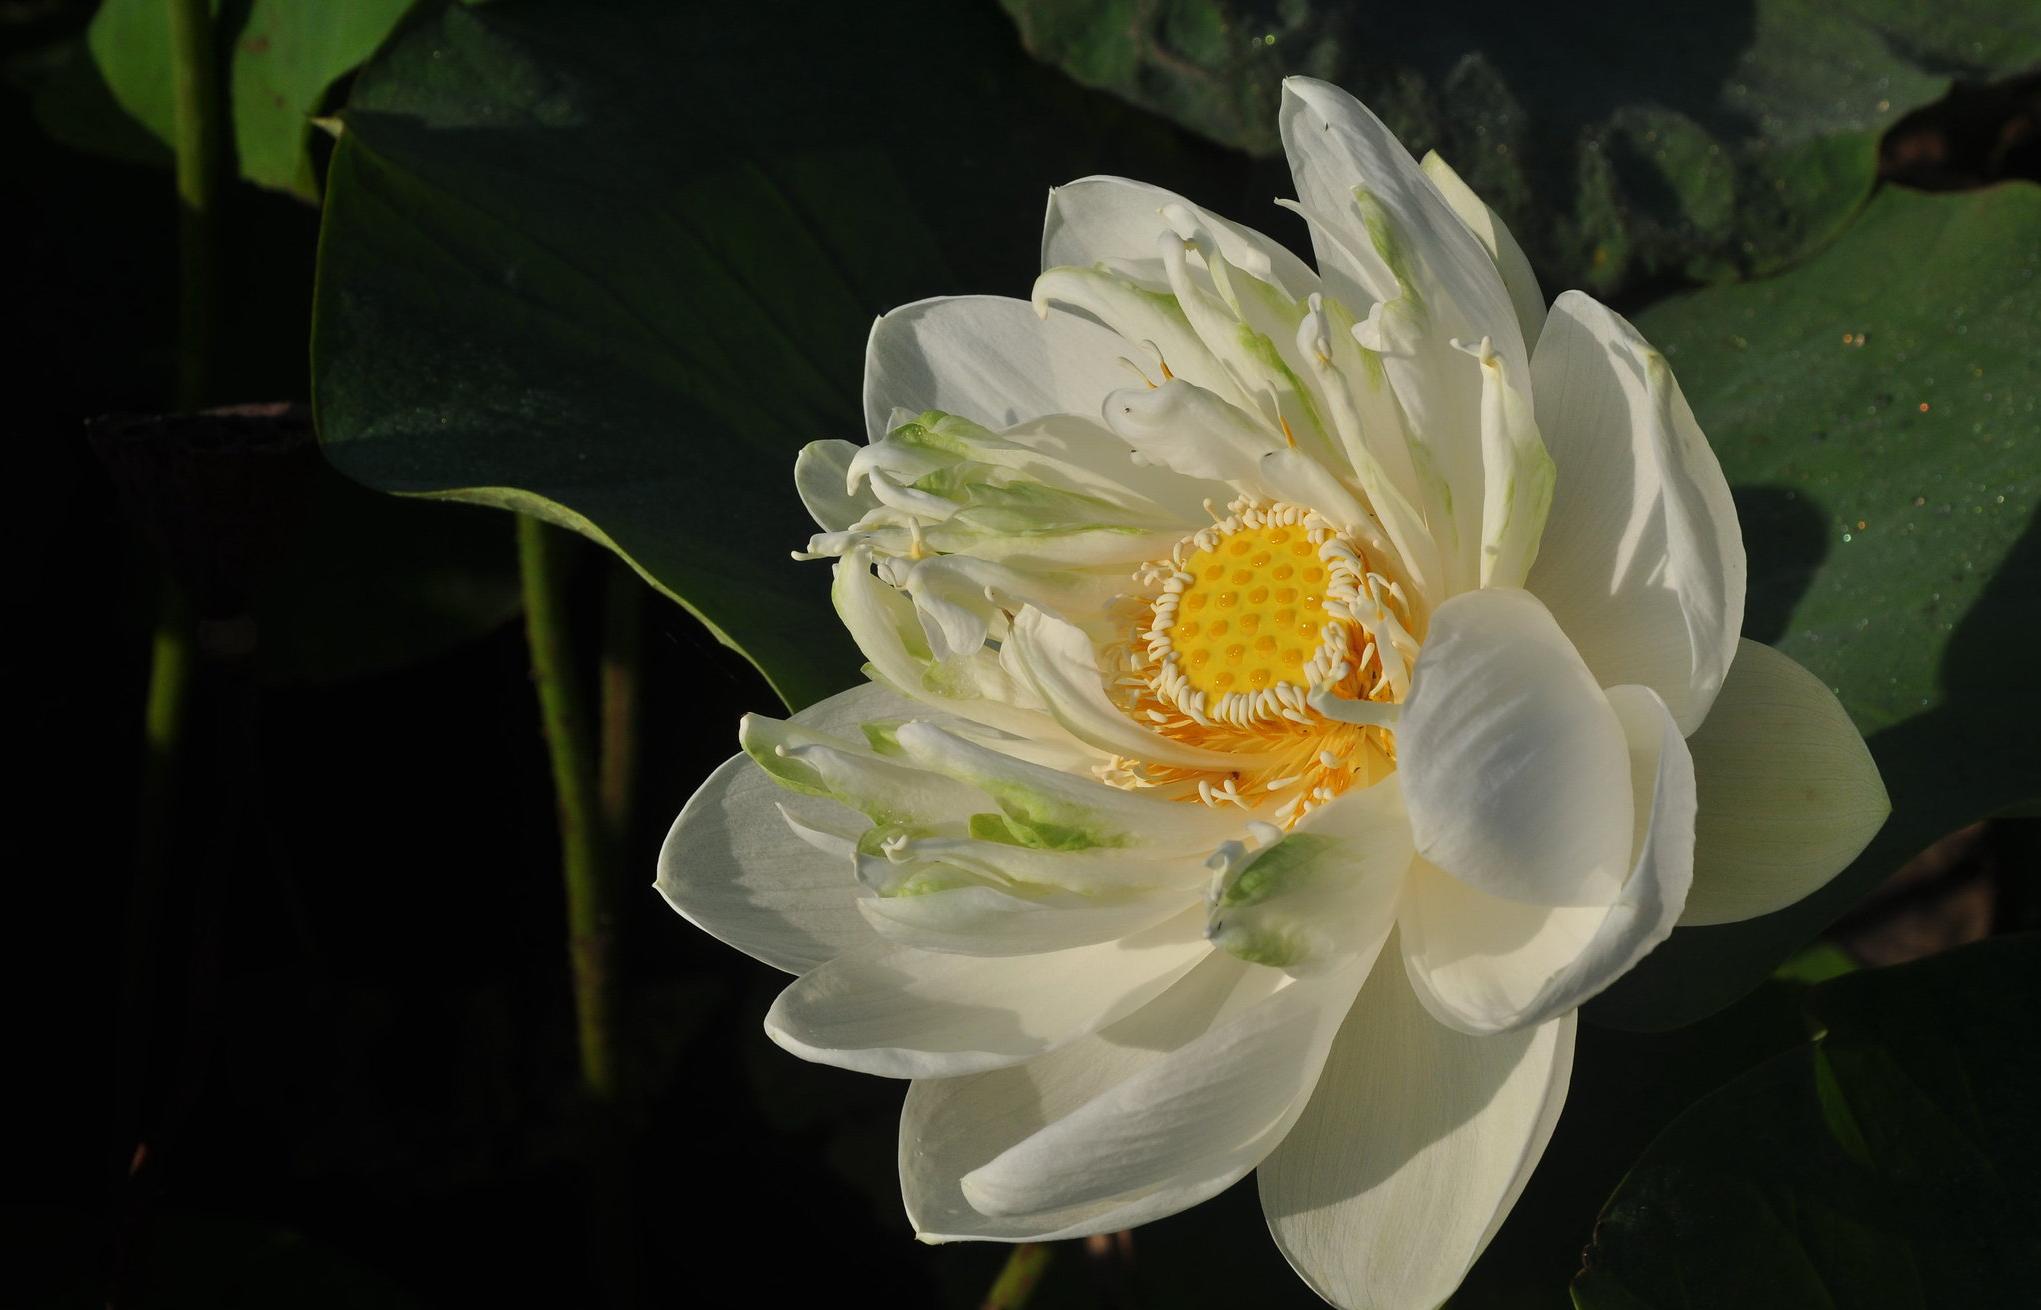 Hình ảnh bông hoa sen trắng